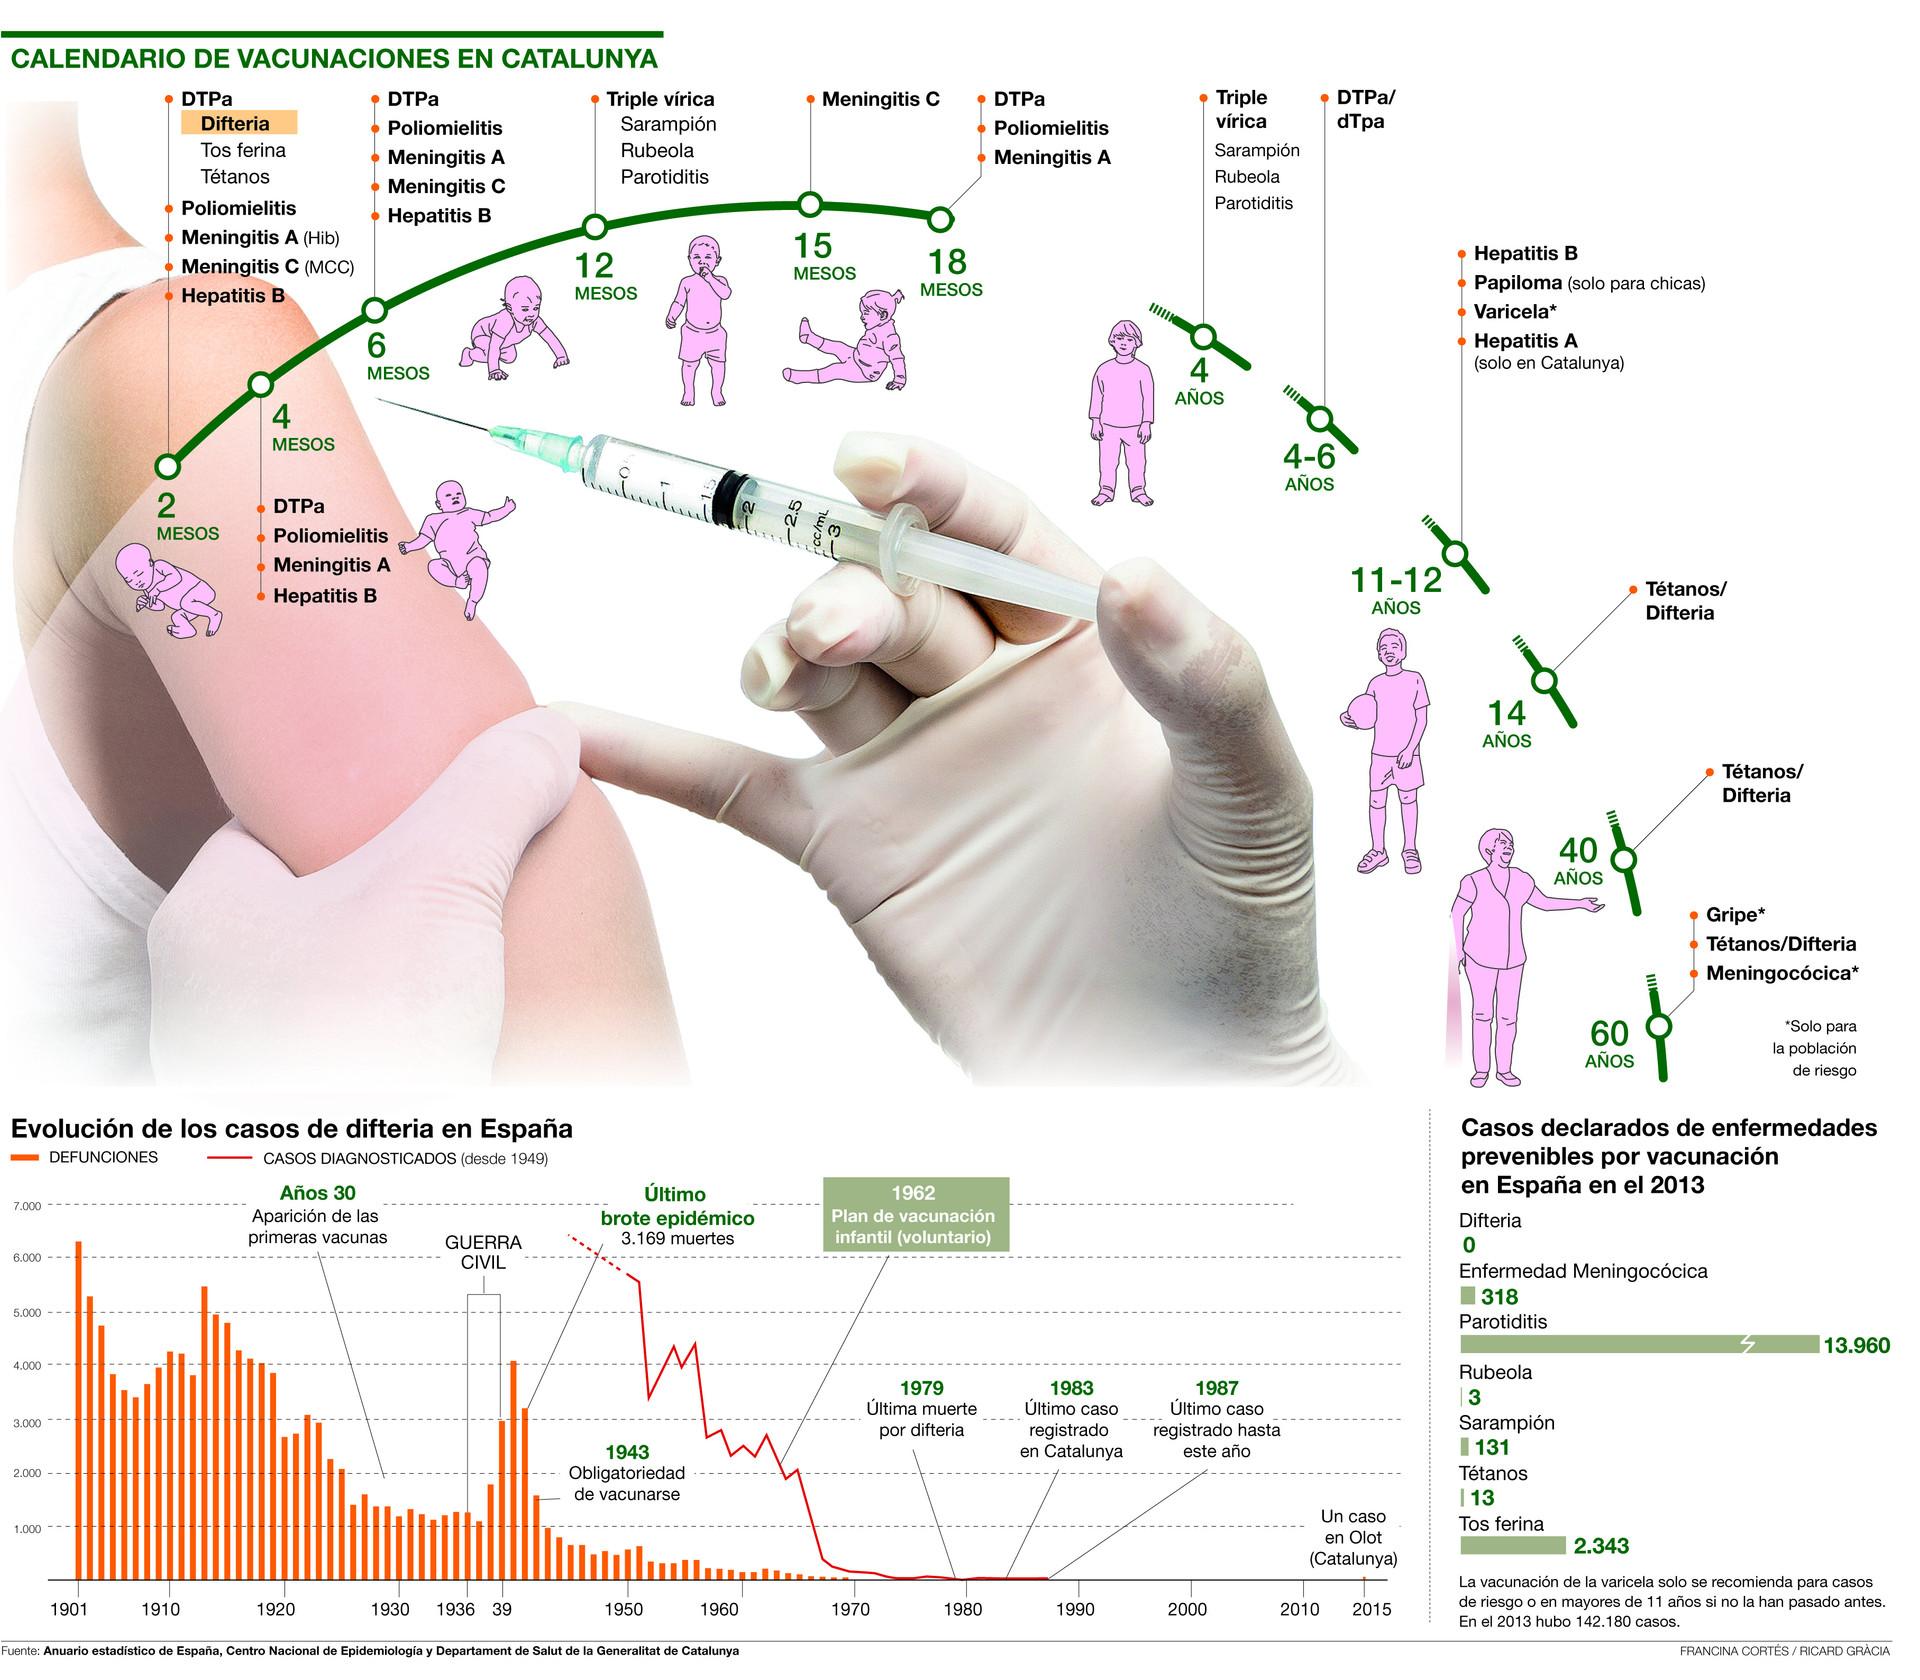 El calendario de vacunaciones en Catalunya